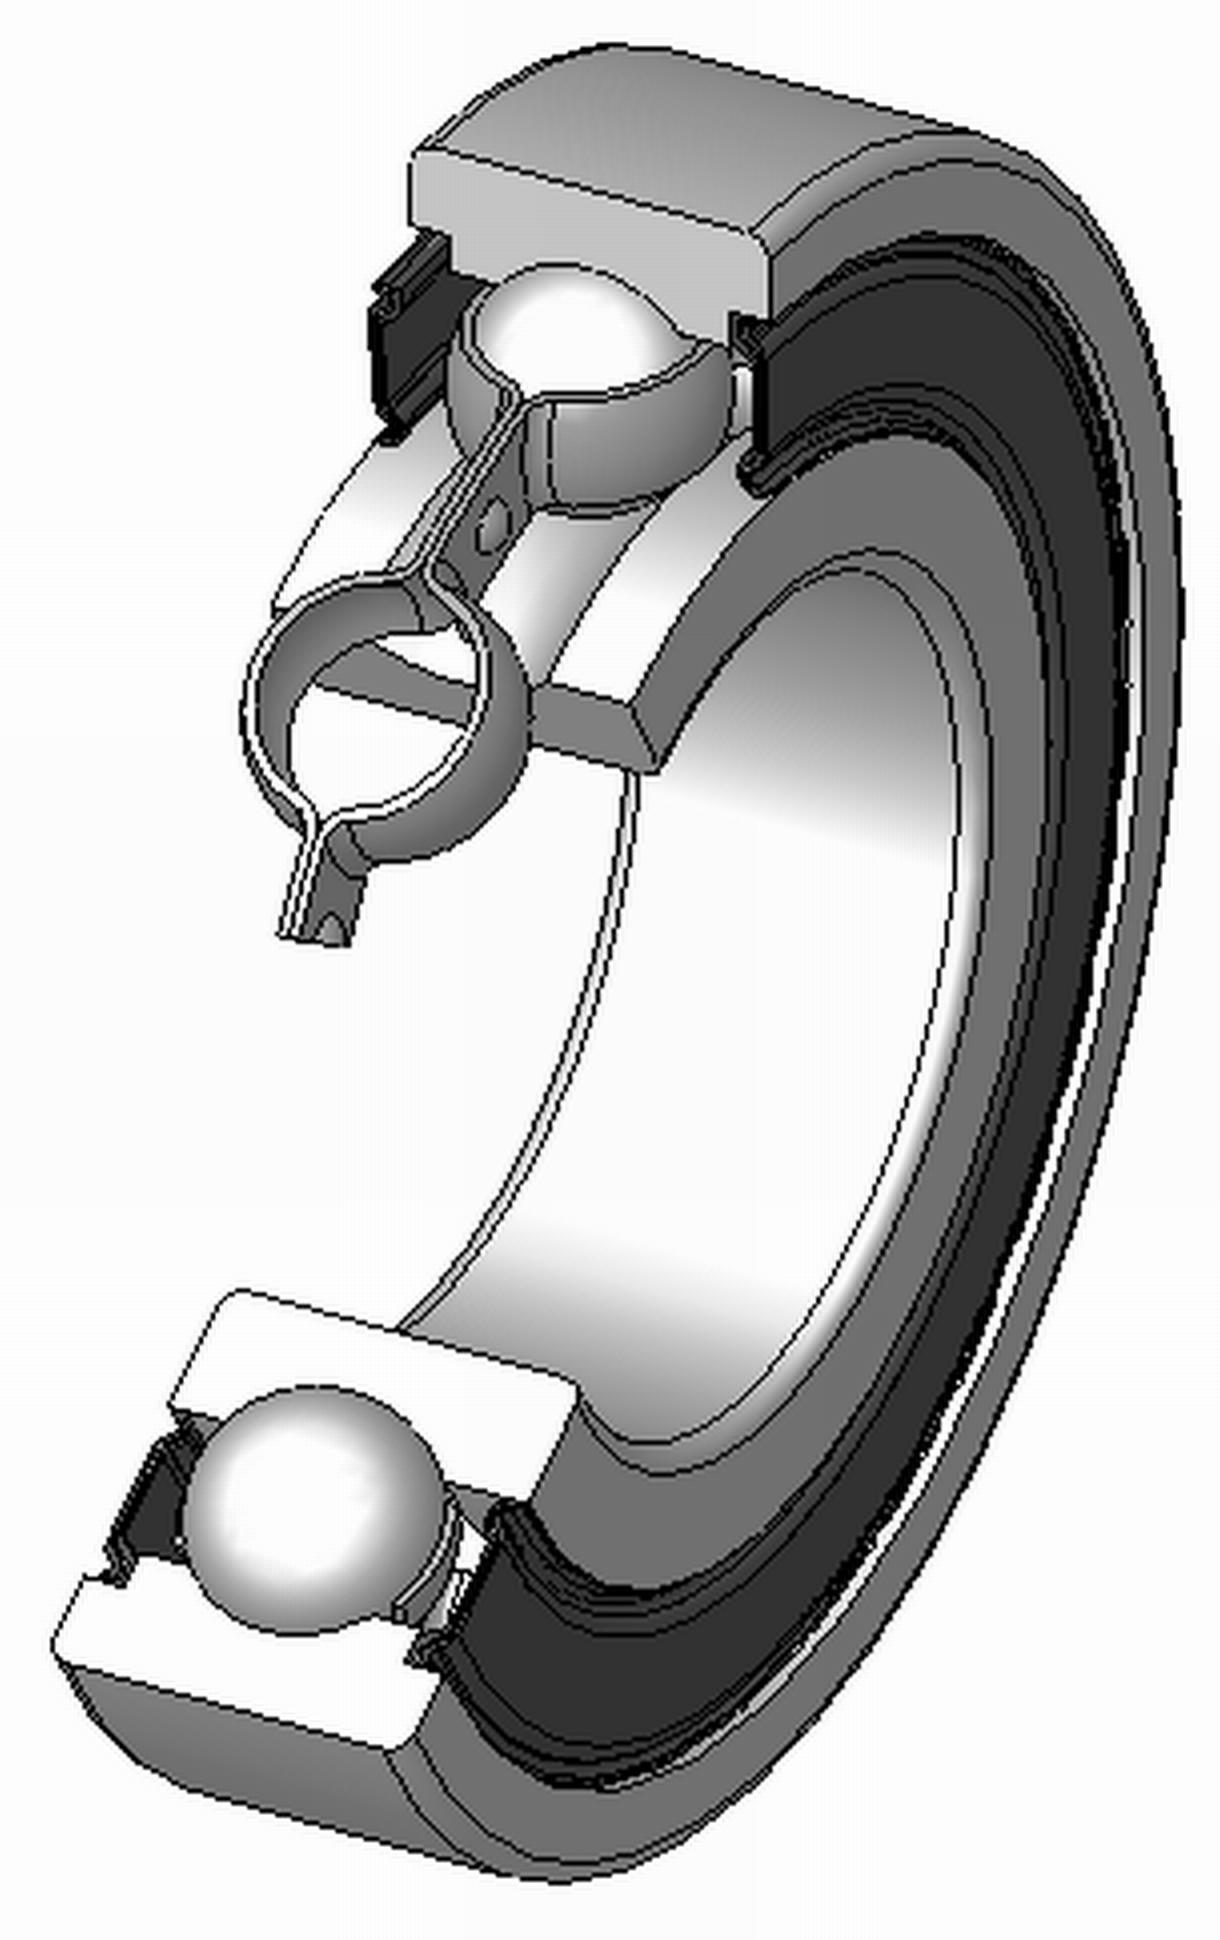 Rolling-element bearing - Wikipedia